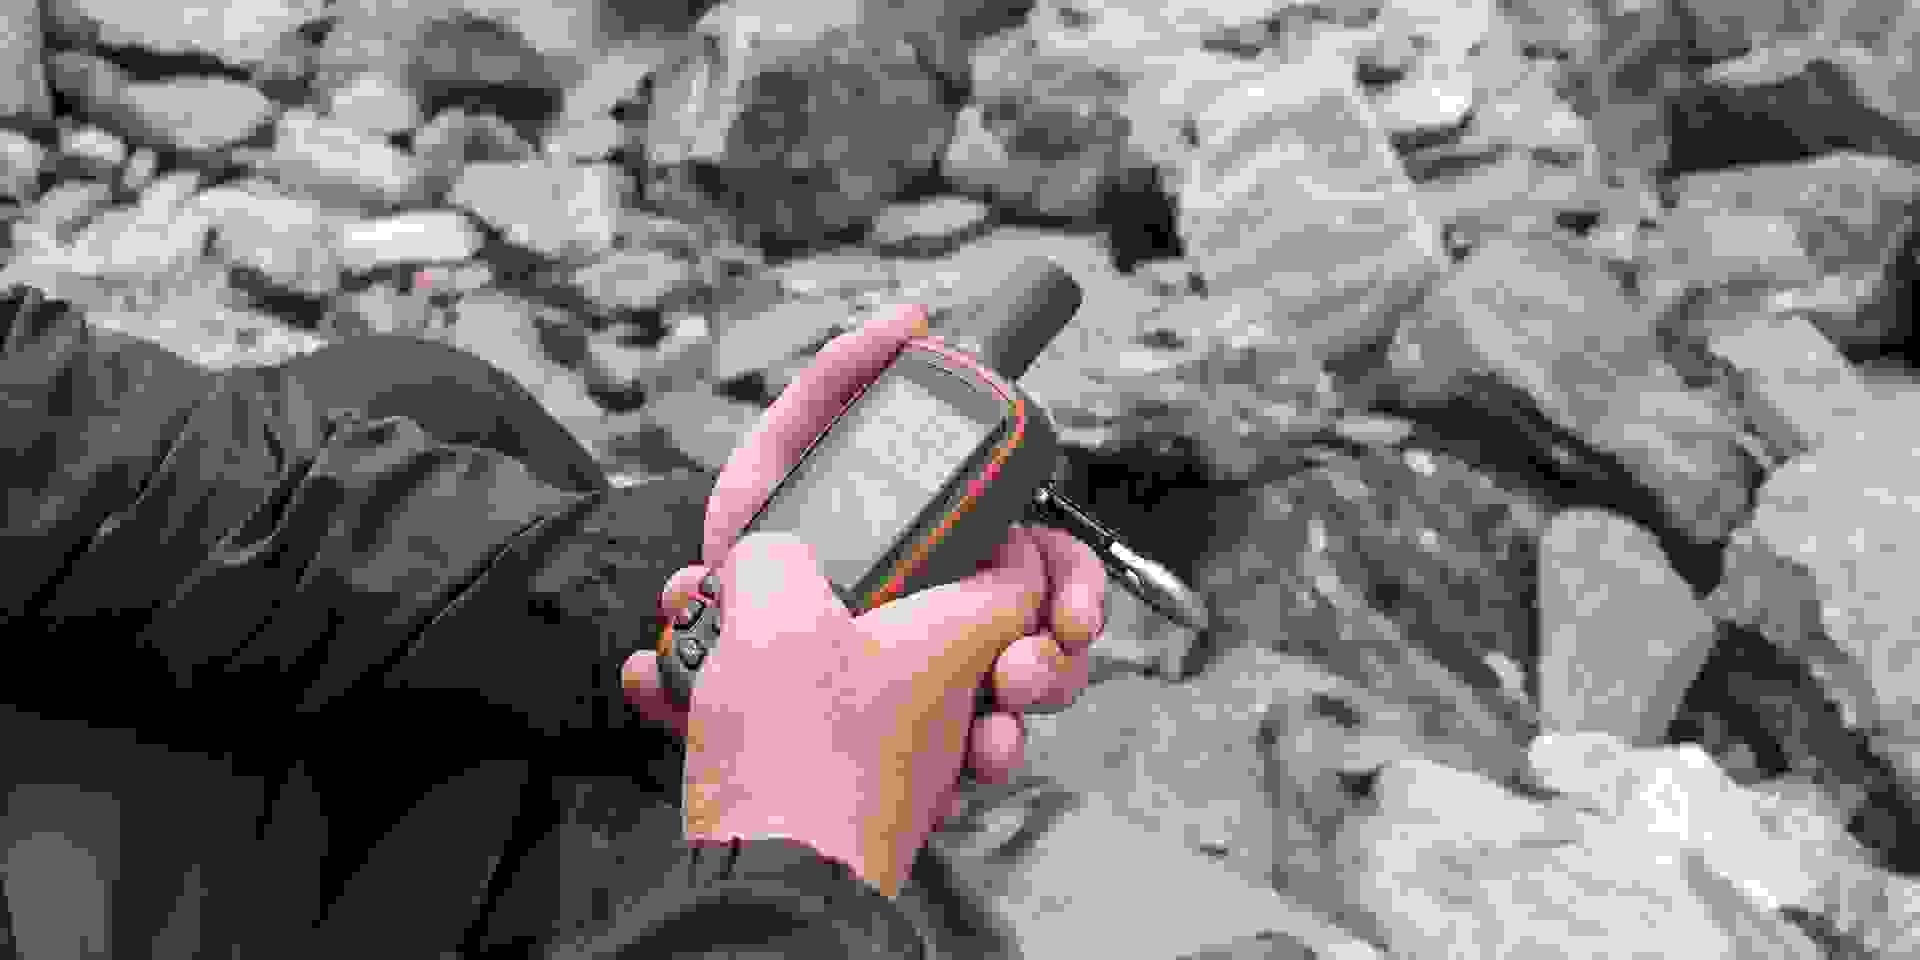 Ein GPS-Gerät dient einem mann beim Geocaching zur Orientierung.